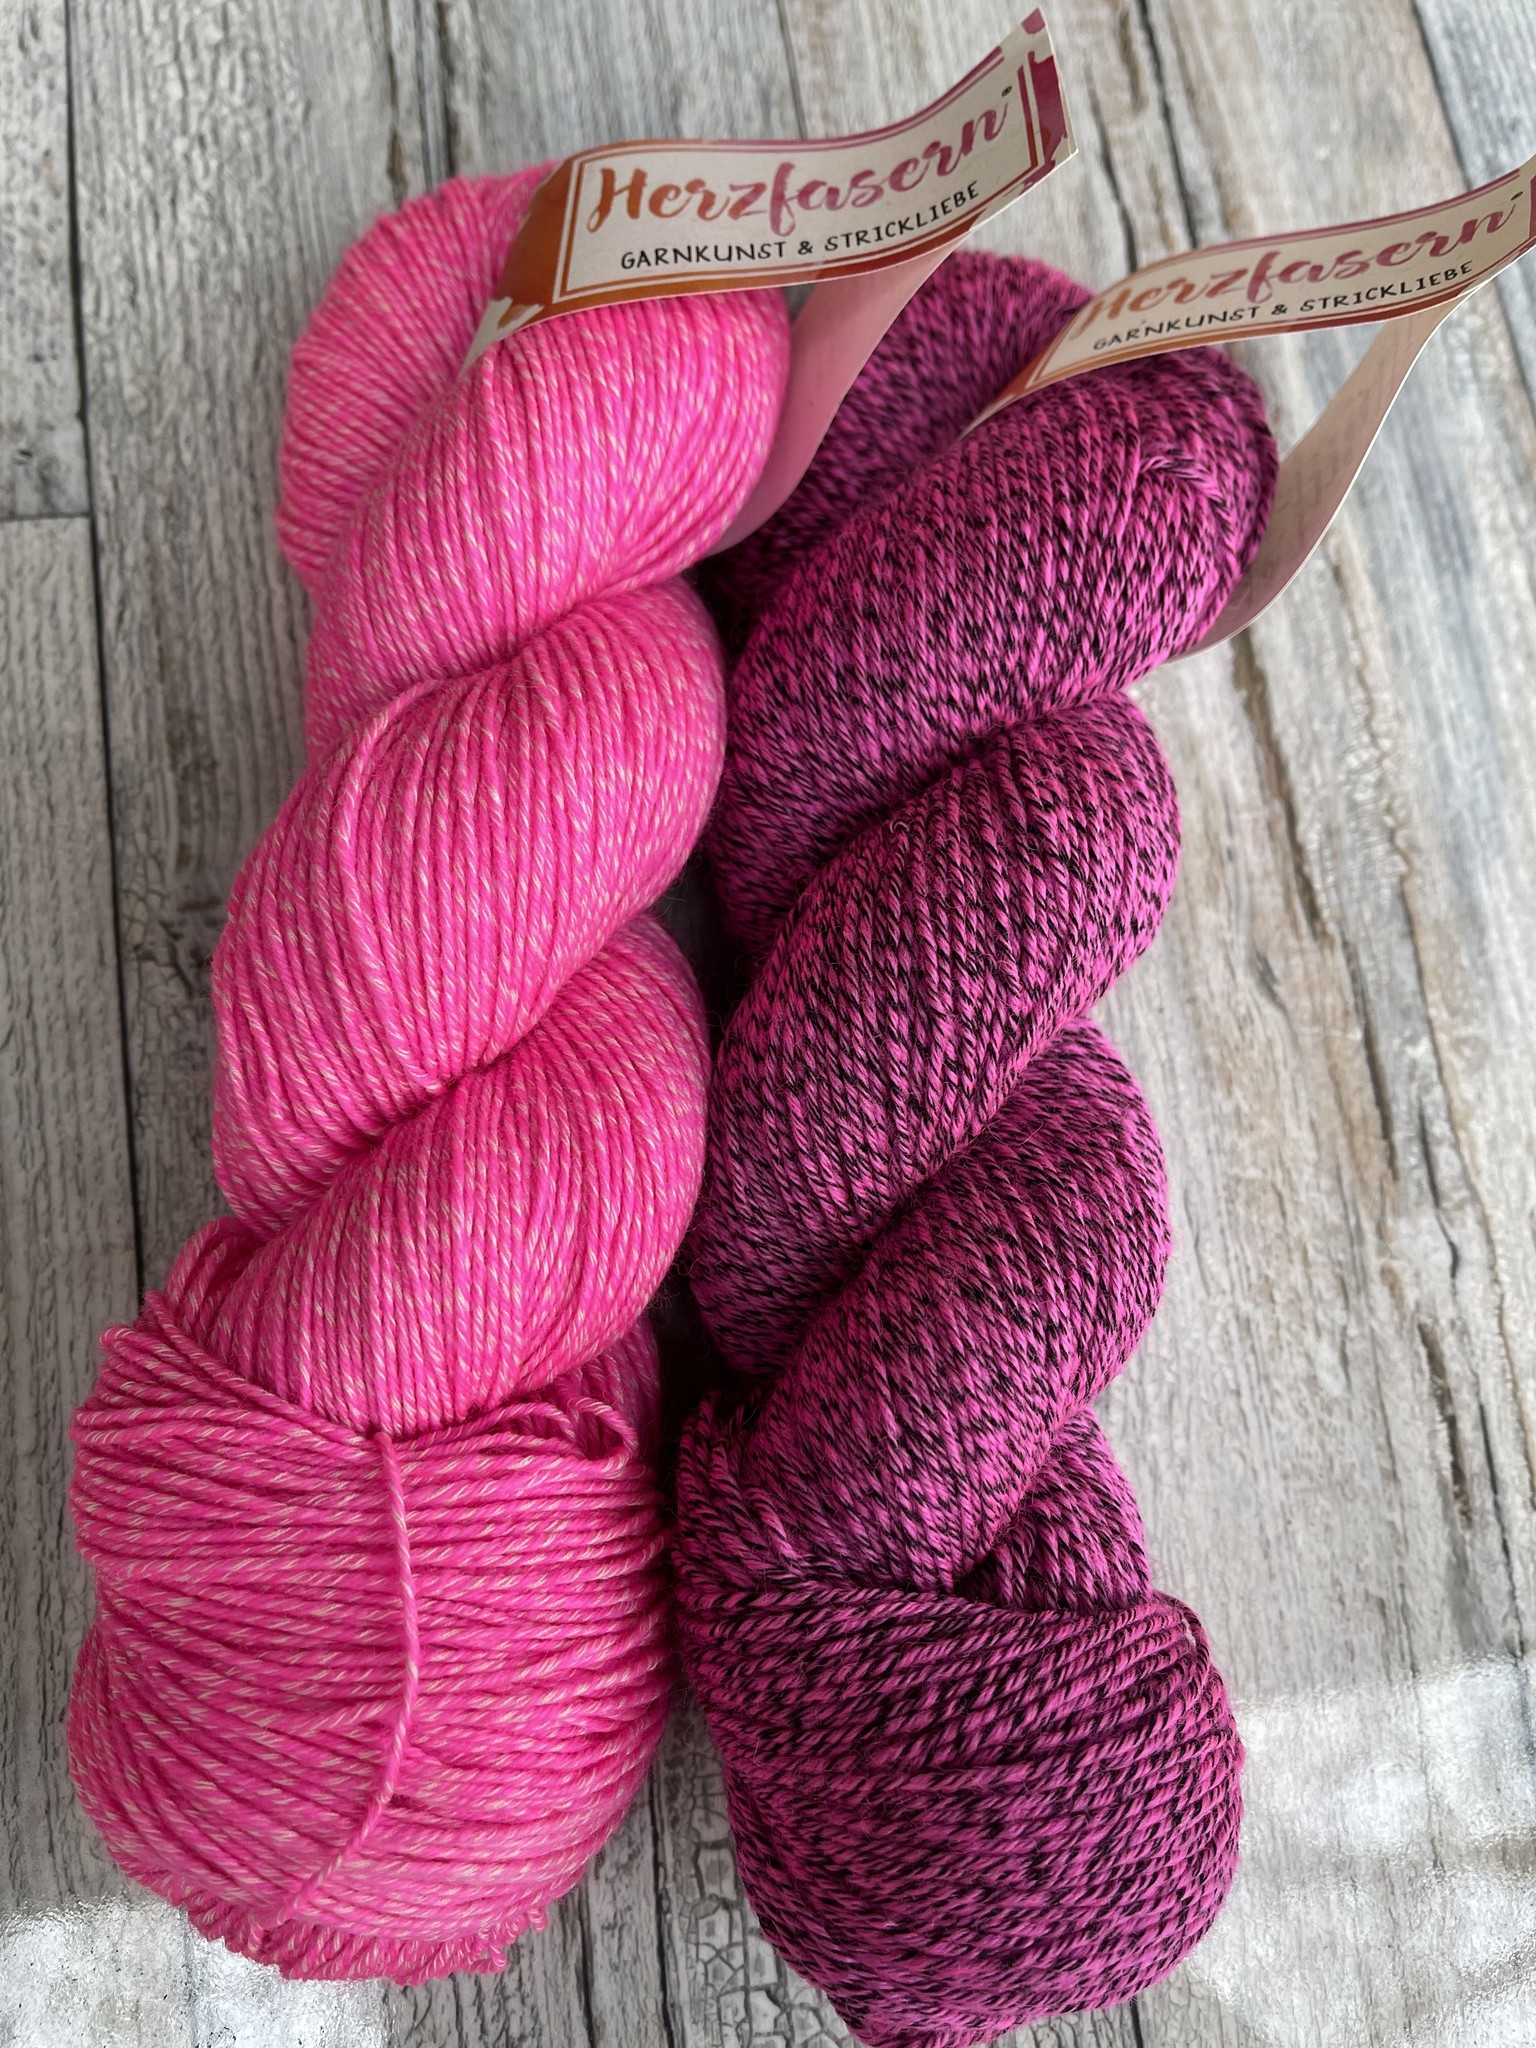 Sockenwolle mit Baumwollanteil -Taffy